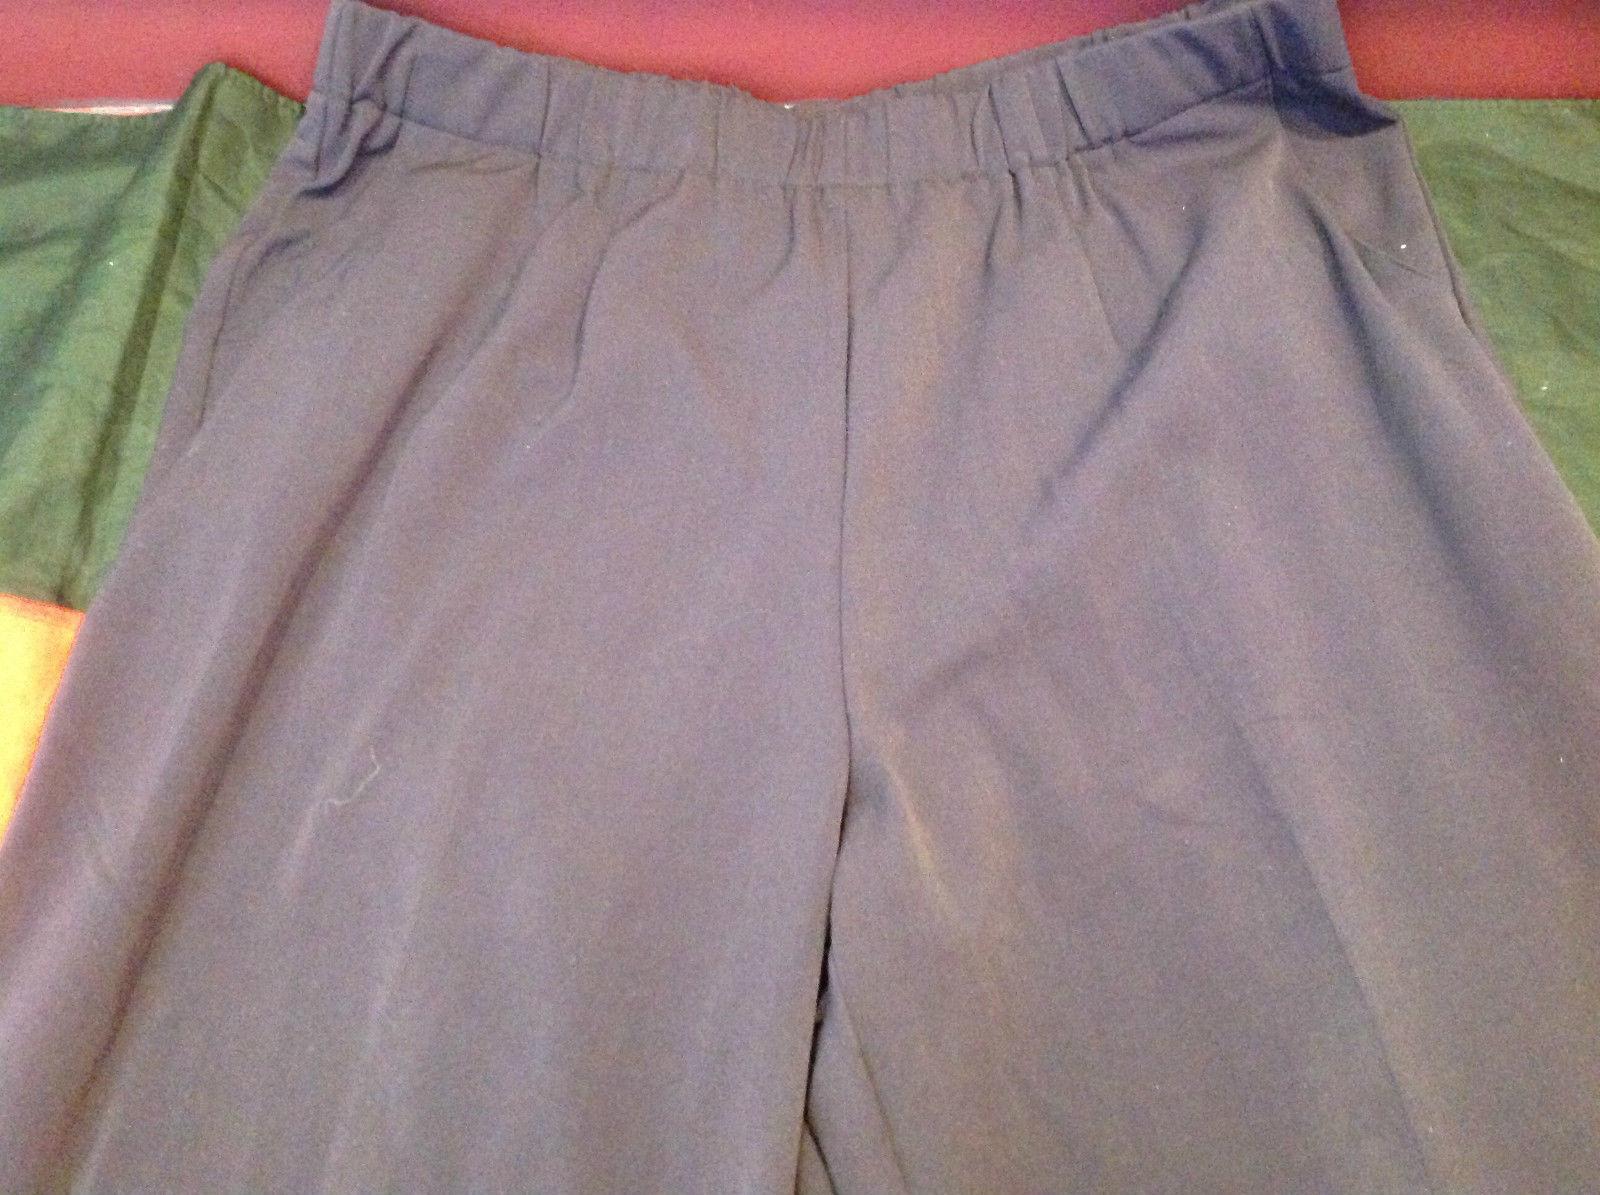 Purple Colored Dressbarn Womens Pants Size 18W